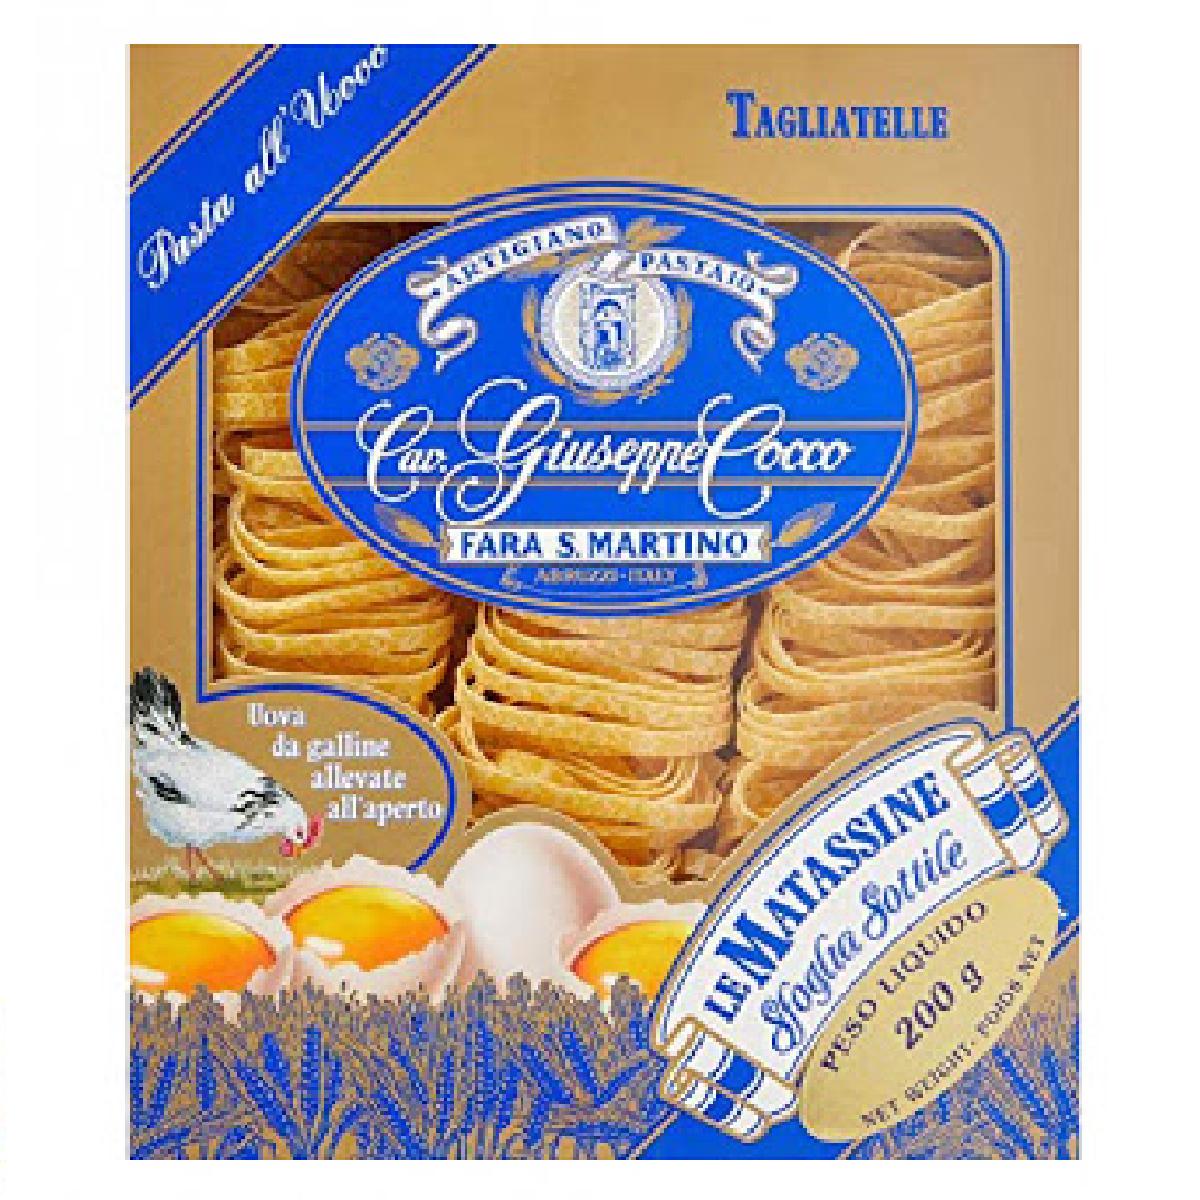 Pasta di Semola Tagliatelle all'uovo GIUSEPPE COCCO 200g